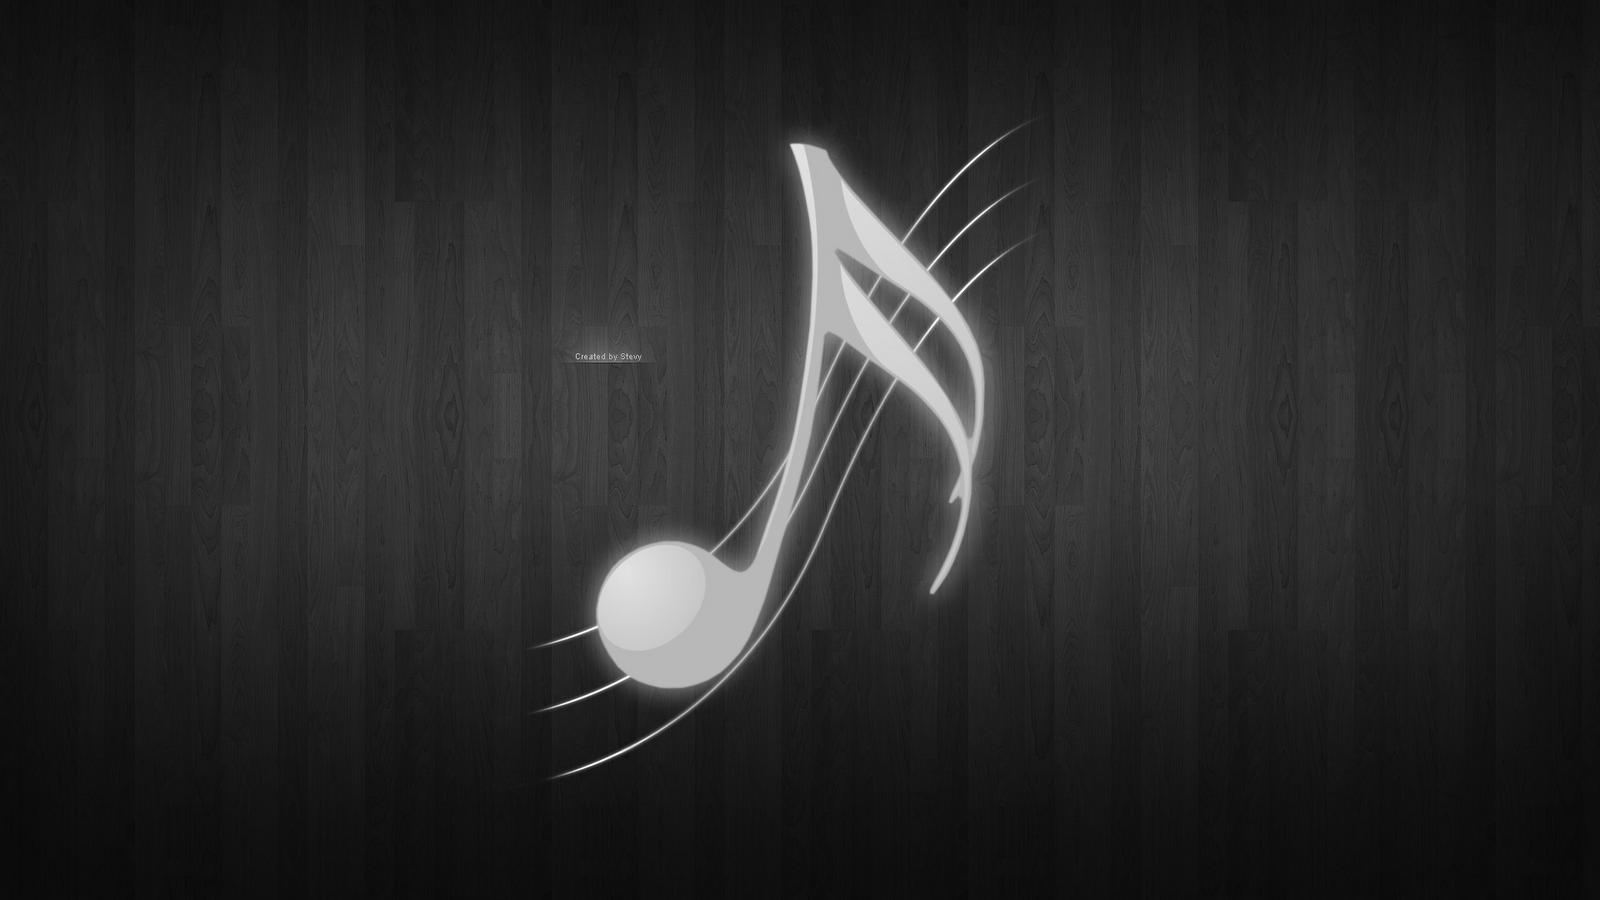 http://4.bp.blogspot.com/-iE4cfvX3lWQ/UHjXS5WmUzI/AAAAAAAANIQ/mimB_Fc7poM/s1600/music_wallpaper_hd_1080p_b_w_by_stevy_arts-d35urzx.png